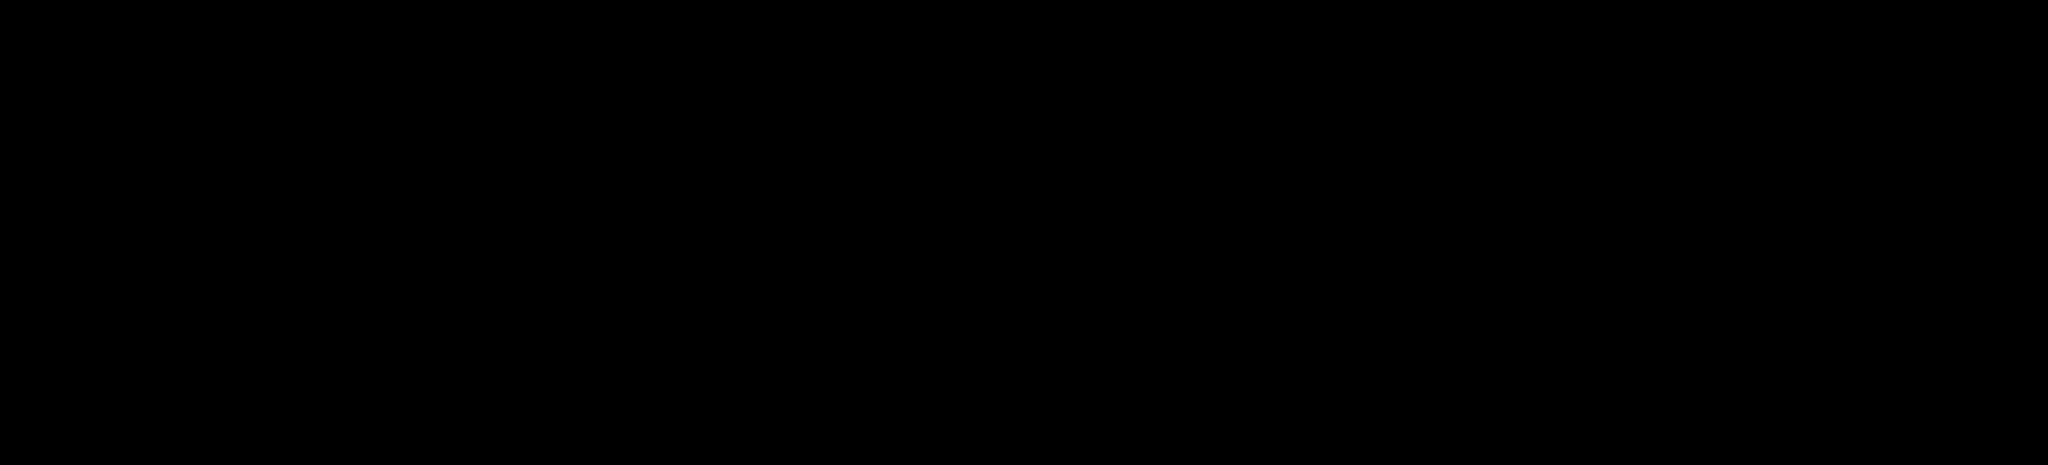 JtU0Gjs